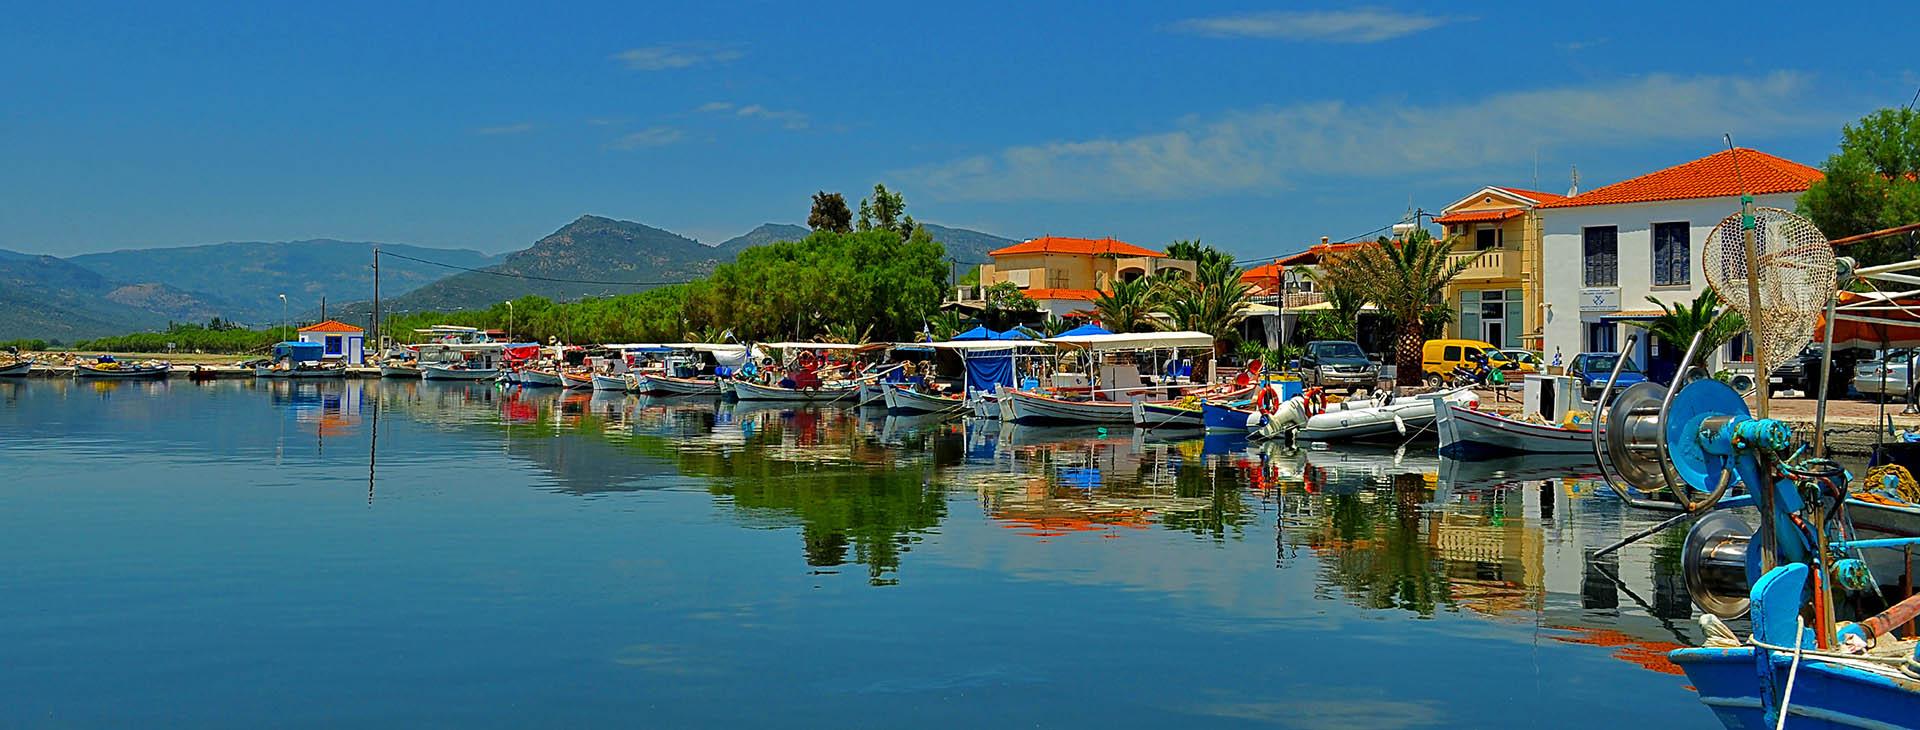 Kalloni, Lesvos island